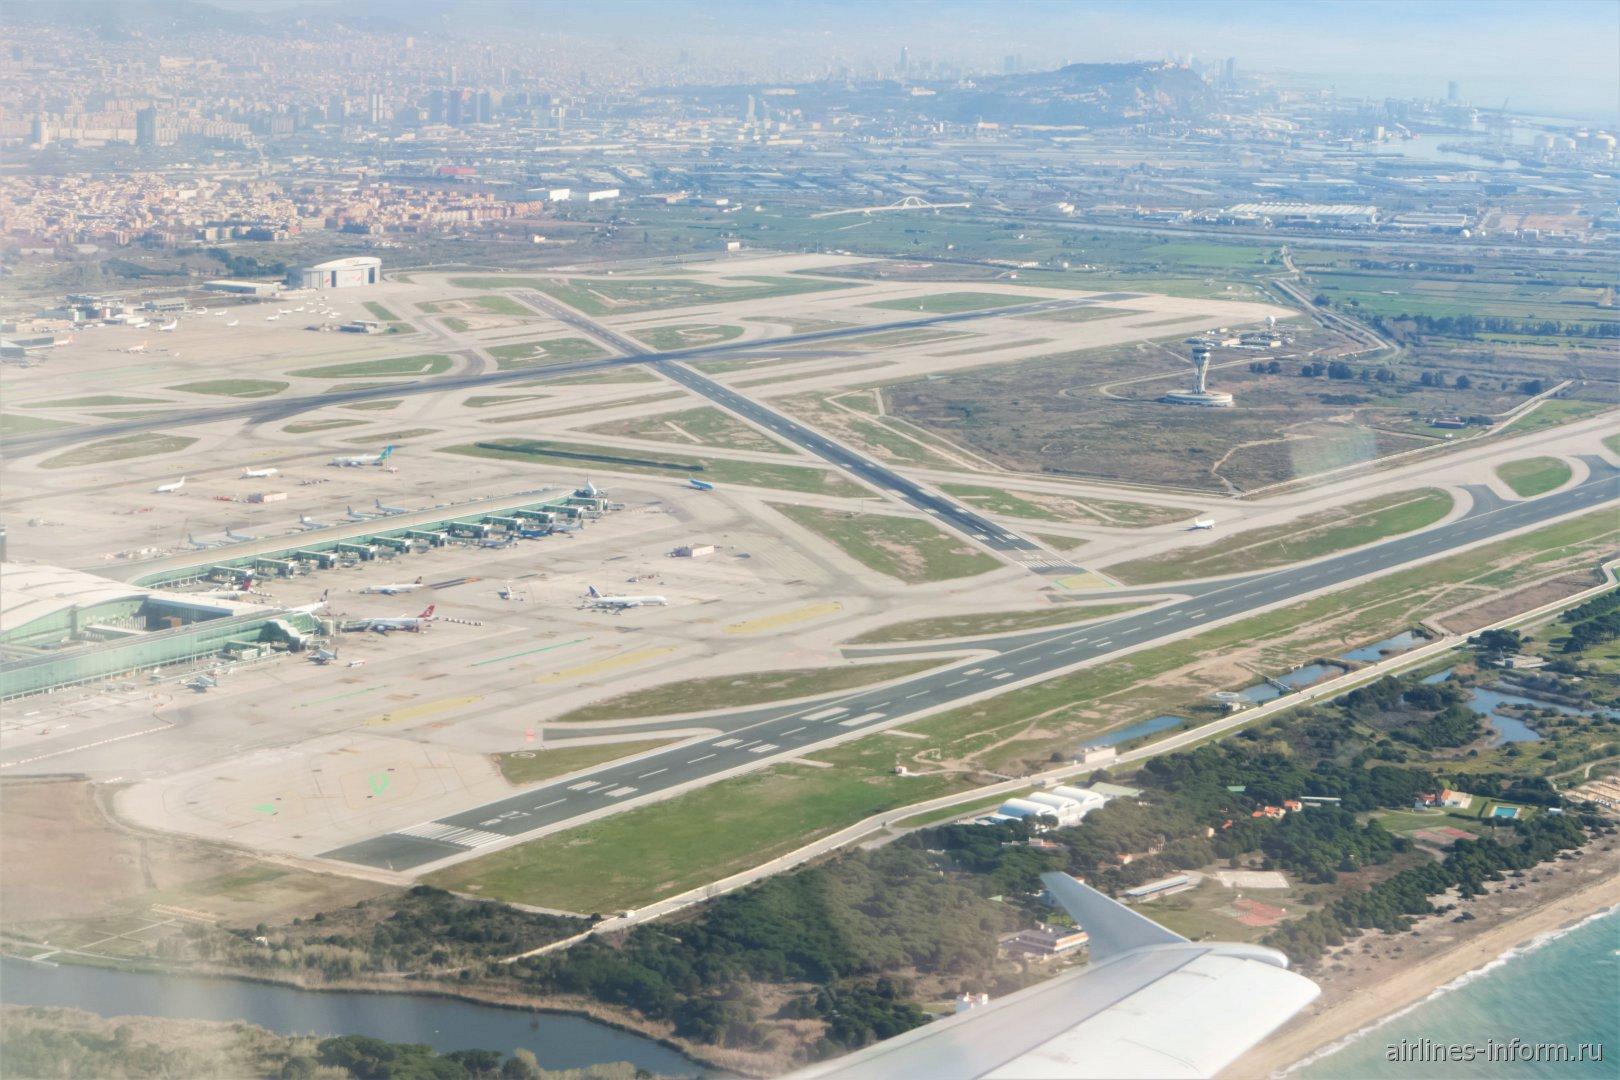 Летное поле аэропорта Эль-Прат в Барселоне